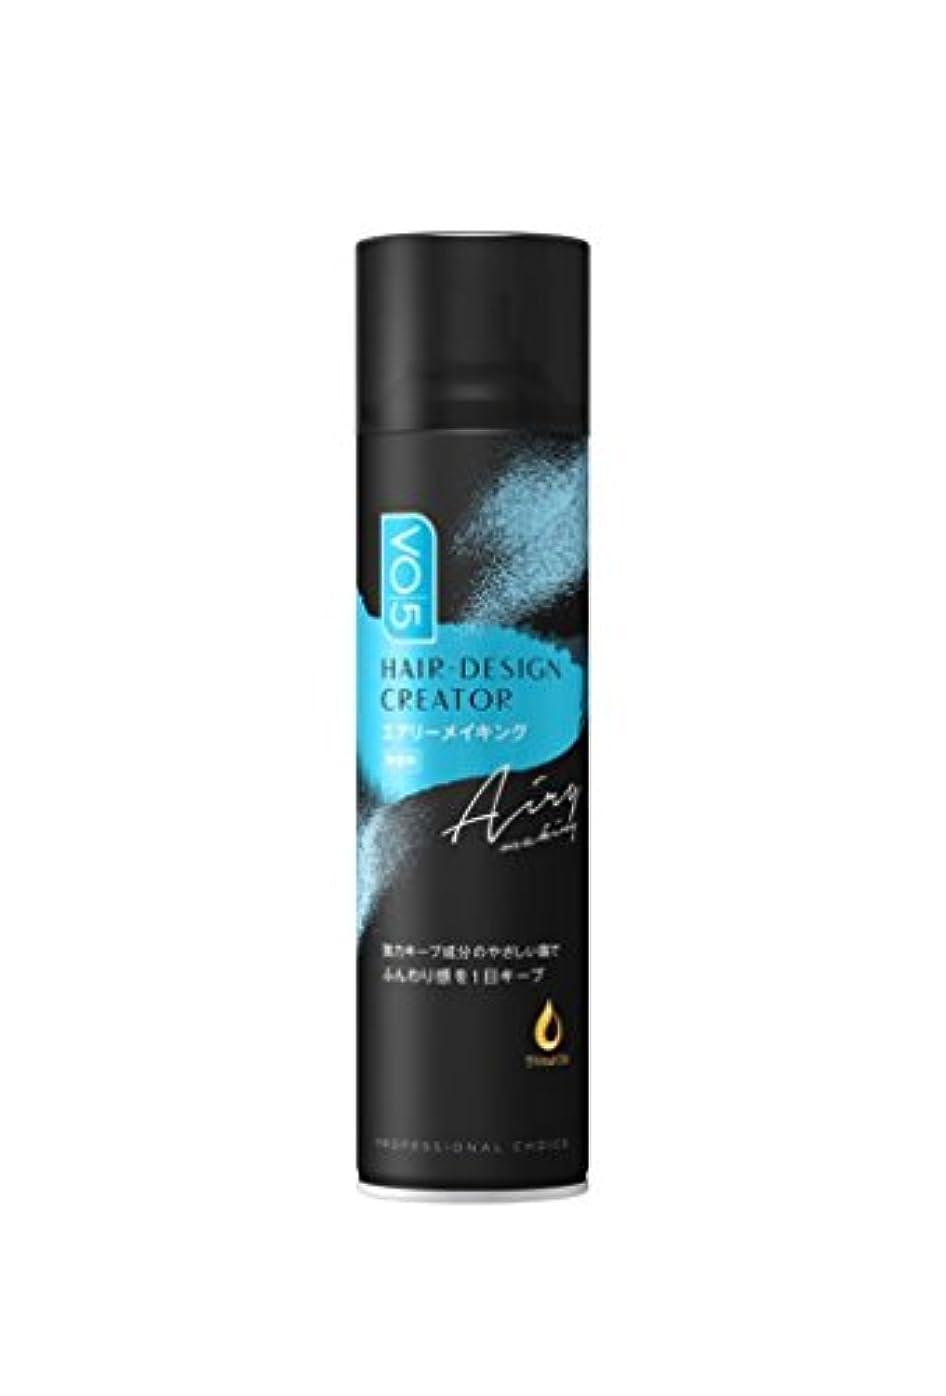 取り扱い洗剤ディスカウントVO5ヘアデザインクリエイター[エアリーメイキング]無香料160g